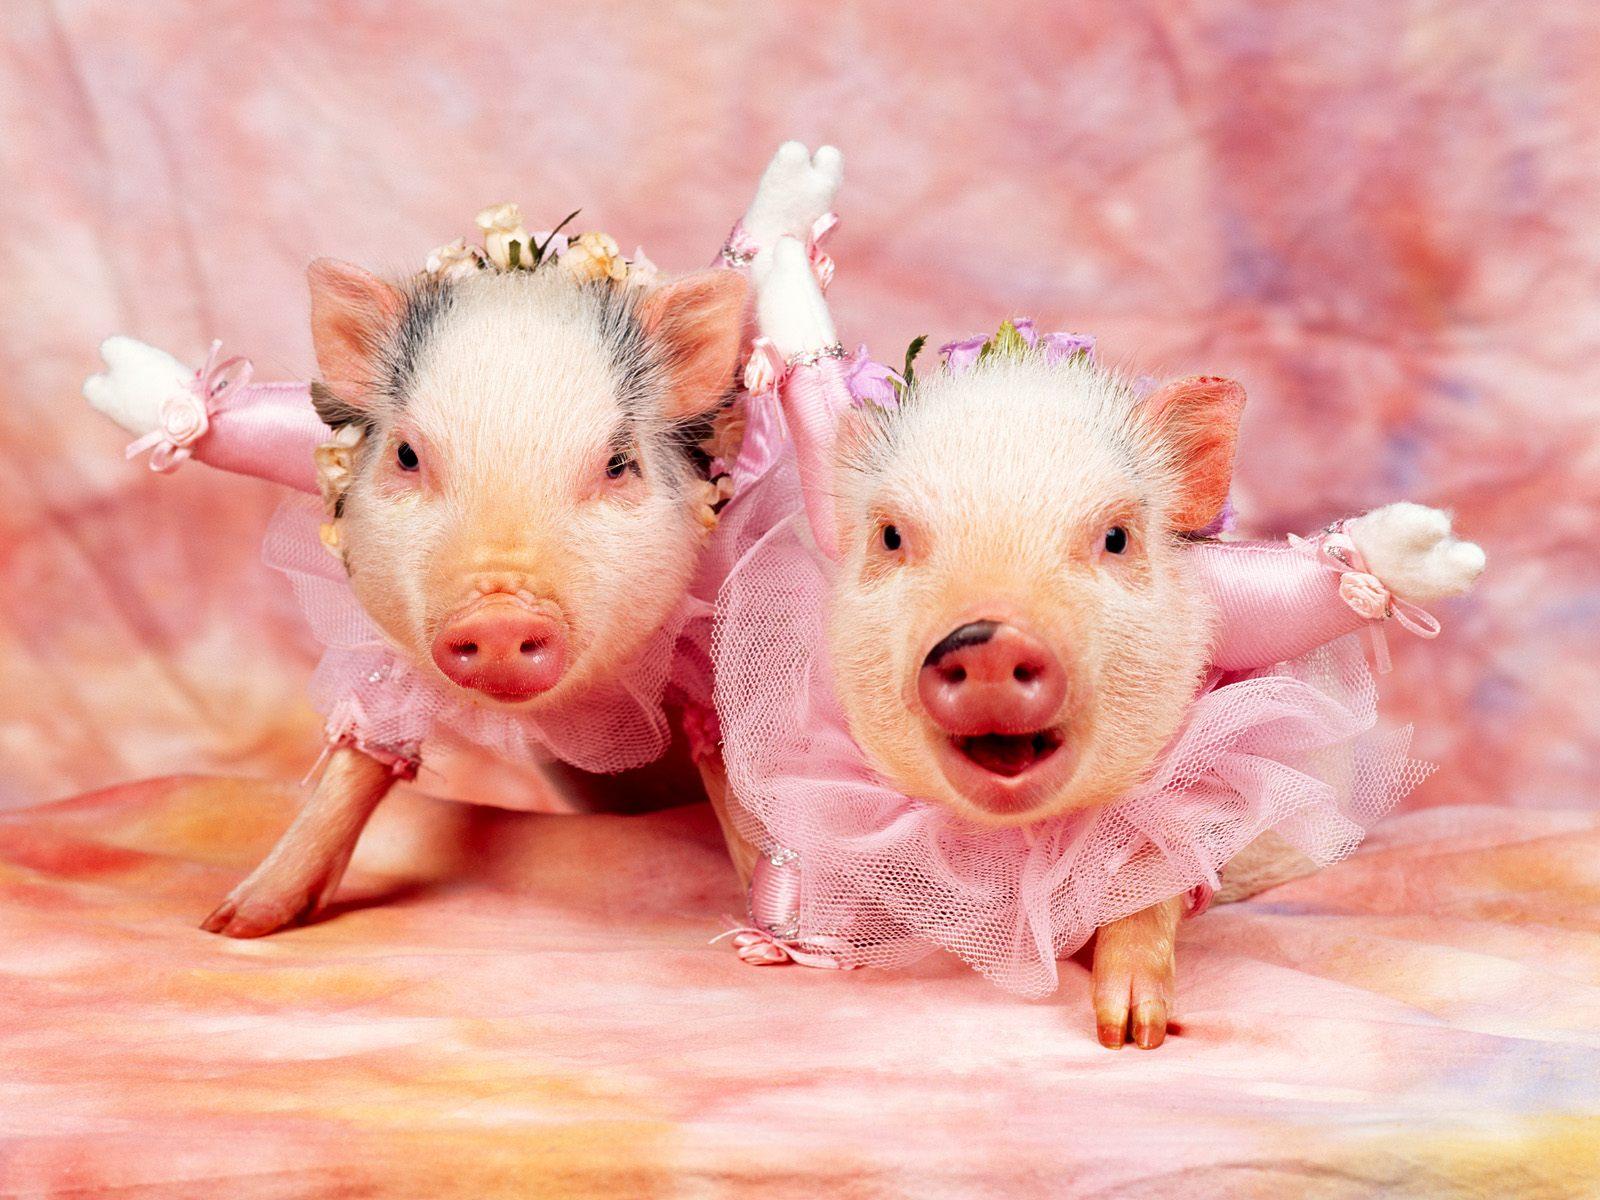 http://4.bp.blogspot.com/-eynGDtmAzpU/Tjm9D_PIwmI/AAAAAAAAAU4/TRIRDjc9q2k/s1600/Pigs+Wallpapers+12.jpg